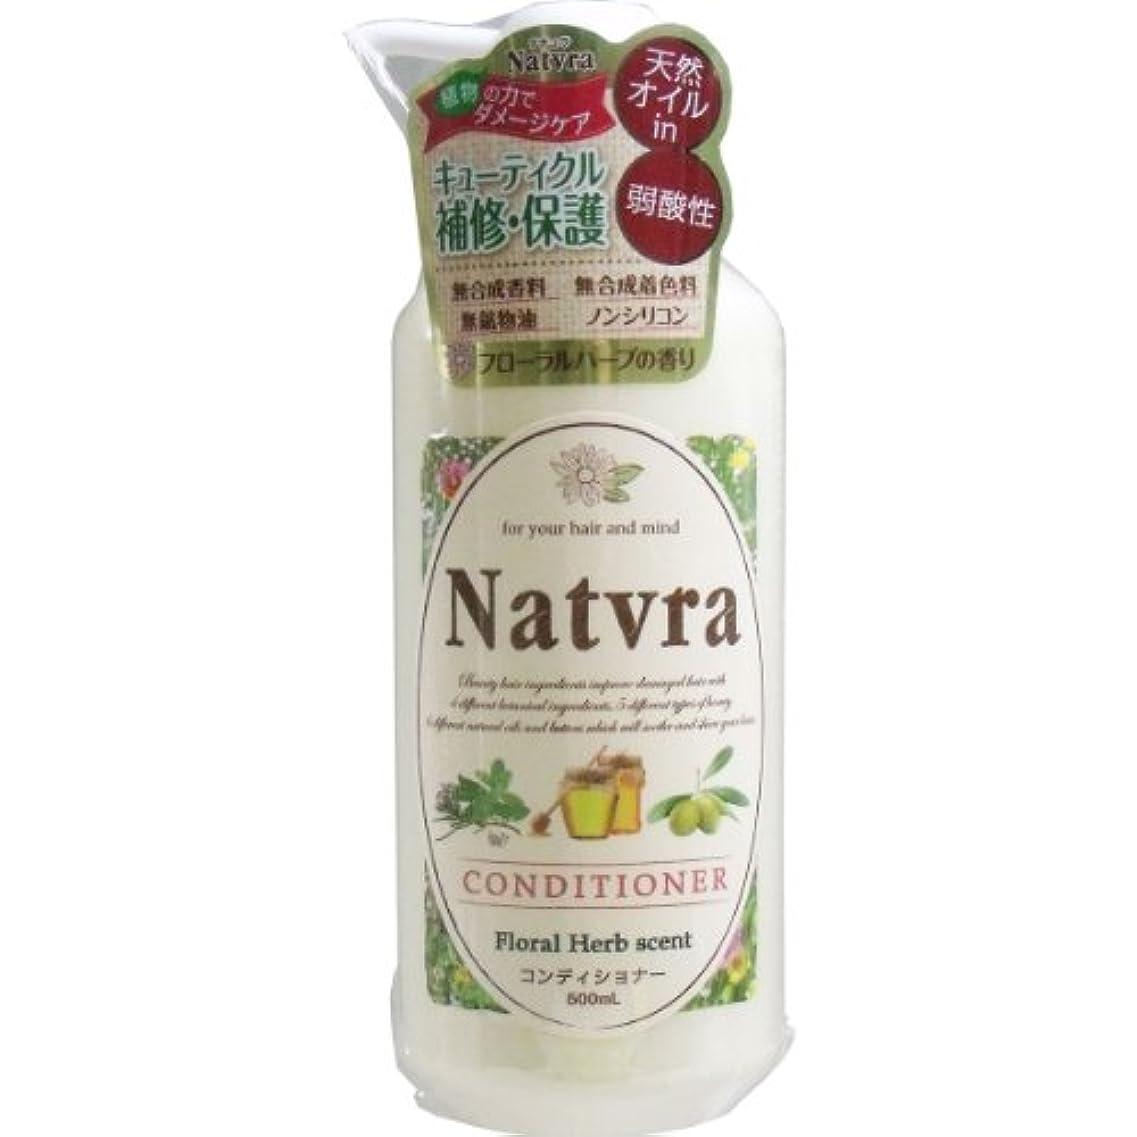 上がる根絶する炭水化物Natvra(ナチュラ) コンディショナー フローラルハーブの香り 500mL【2個セット】